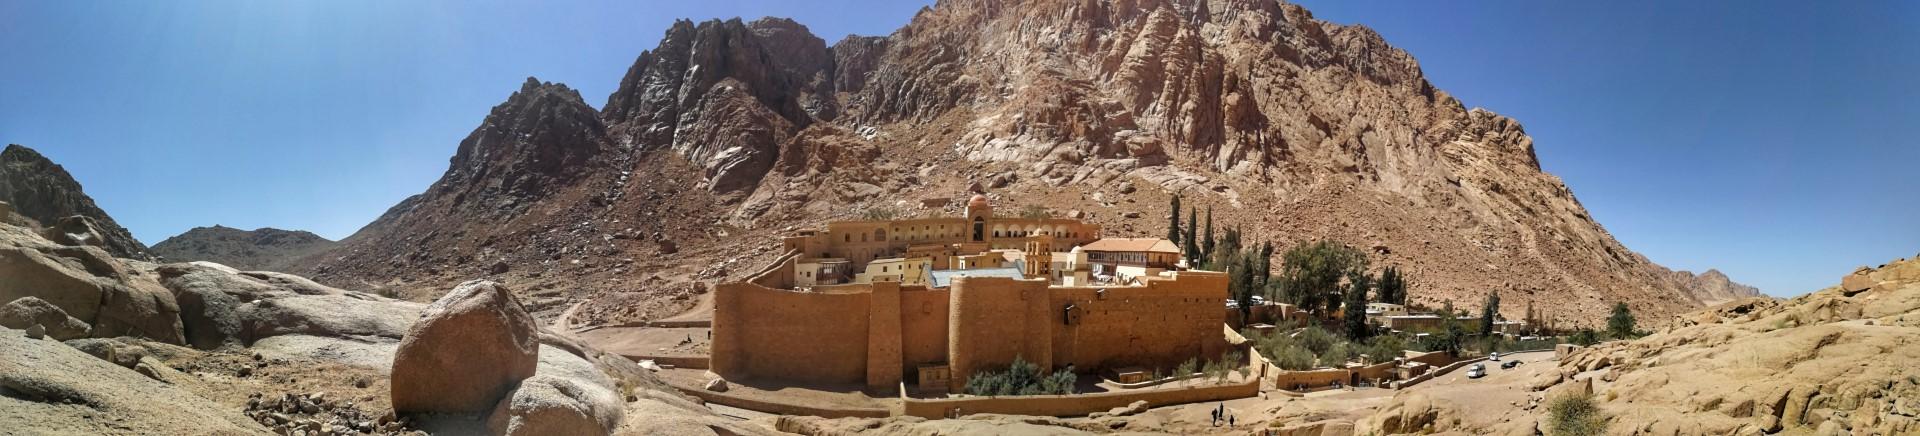 Sinaj z Marjanom Ogorevcem, 11 dni